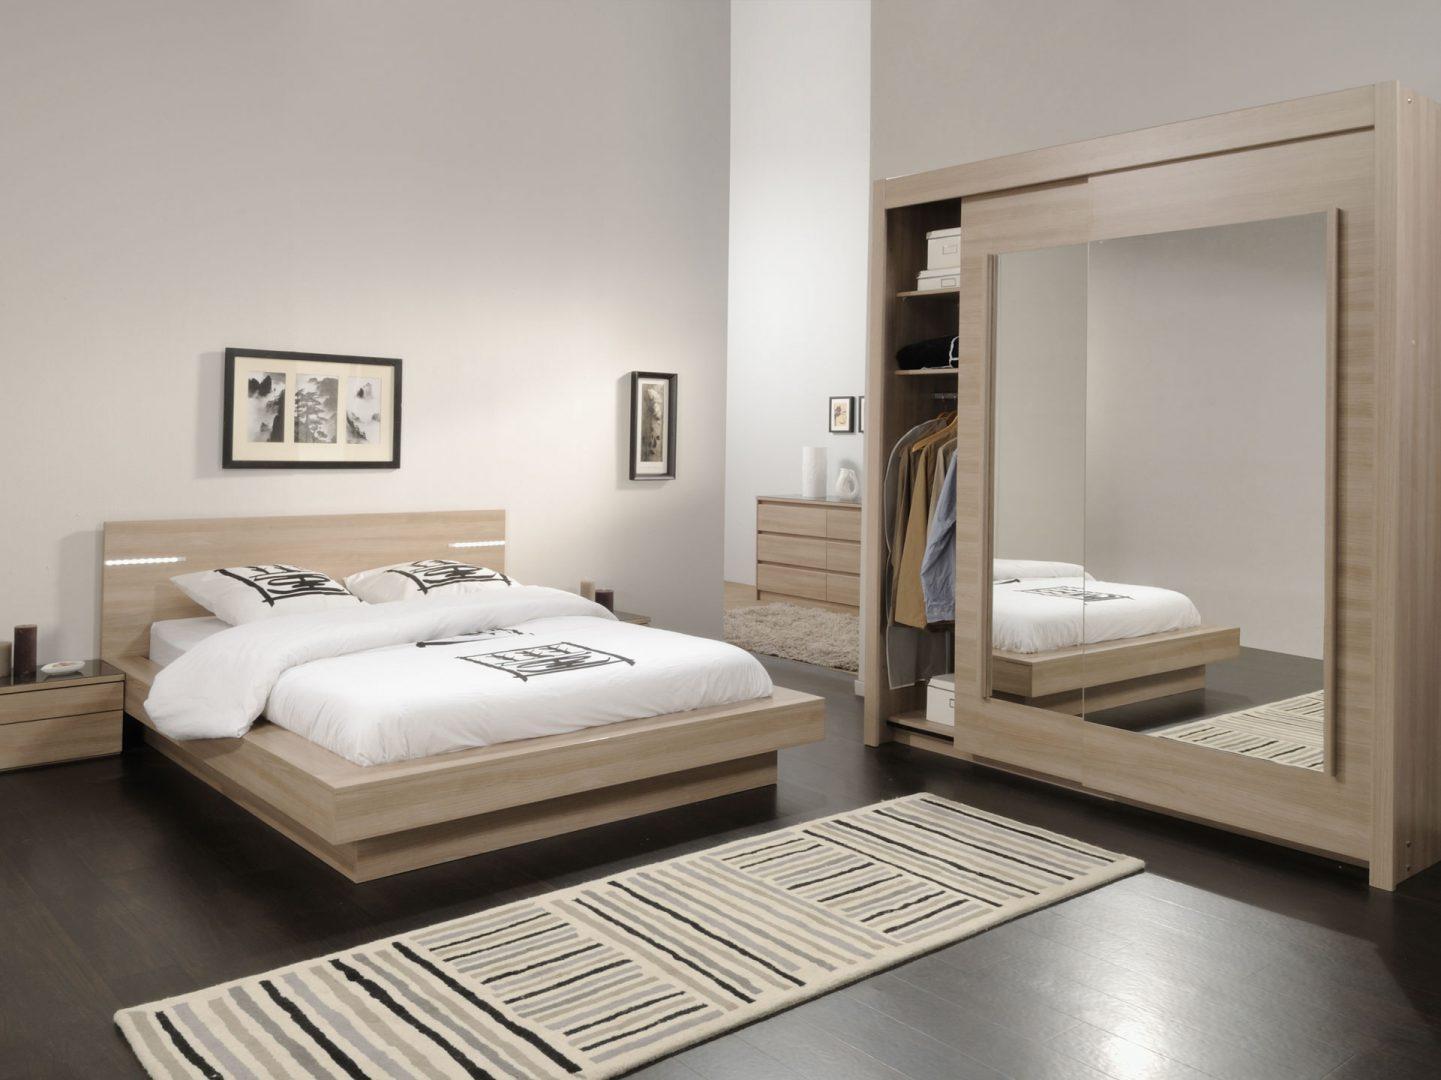 Espejos para el dormitorio :: Imágenes y fotos